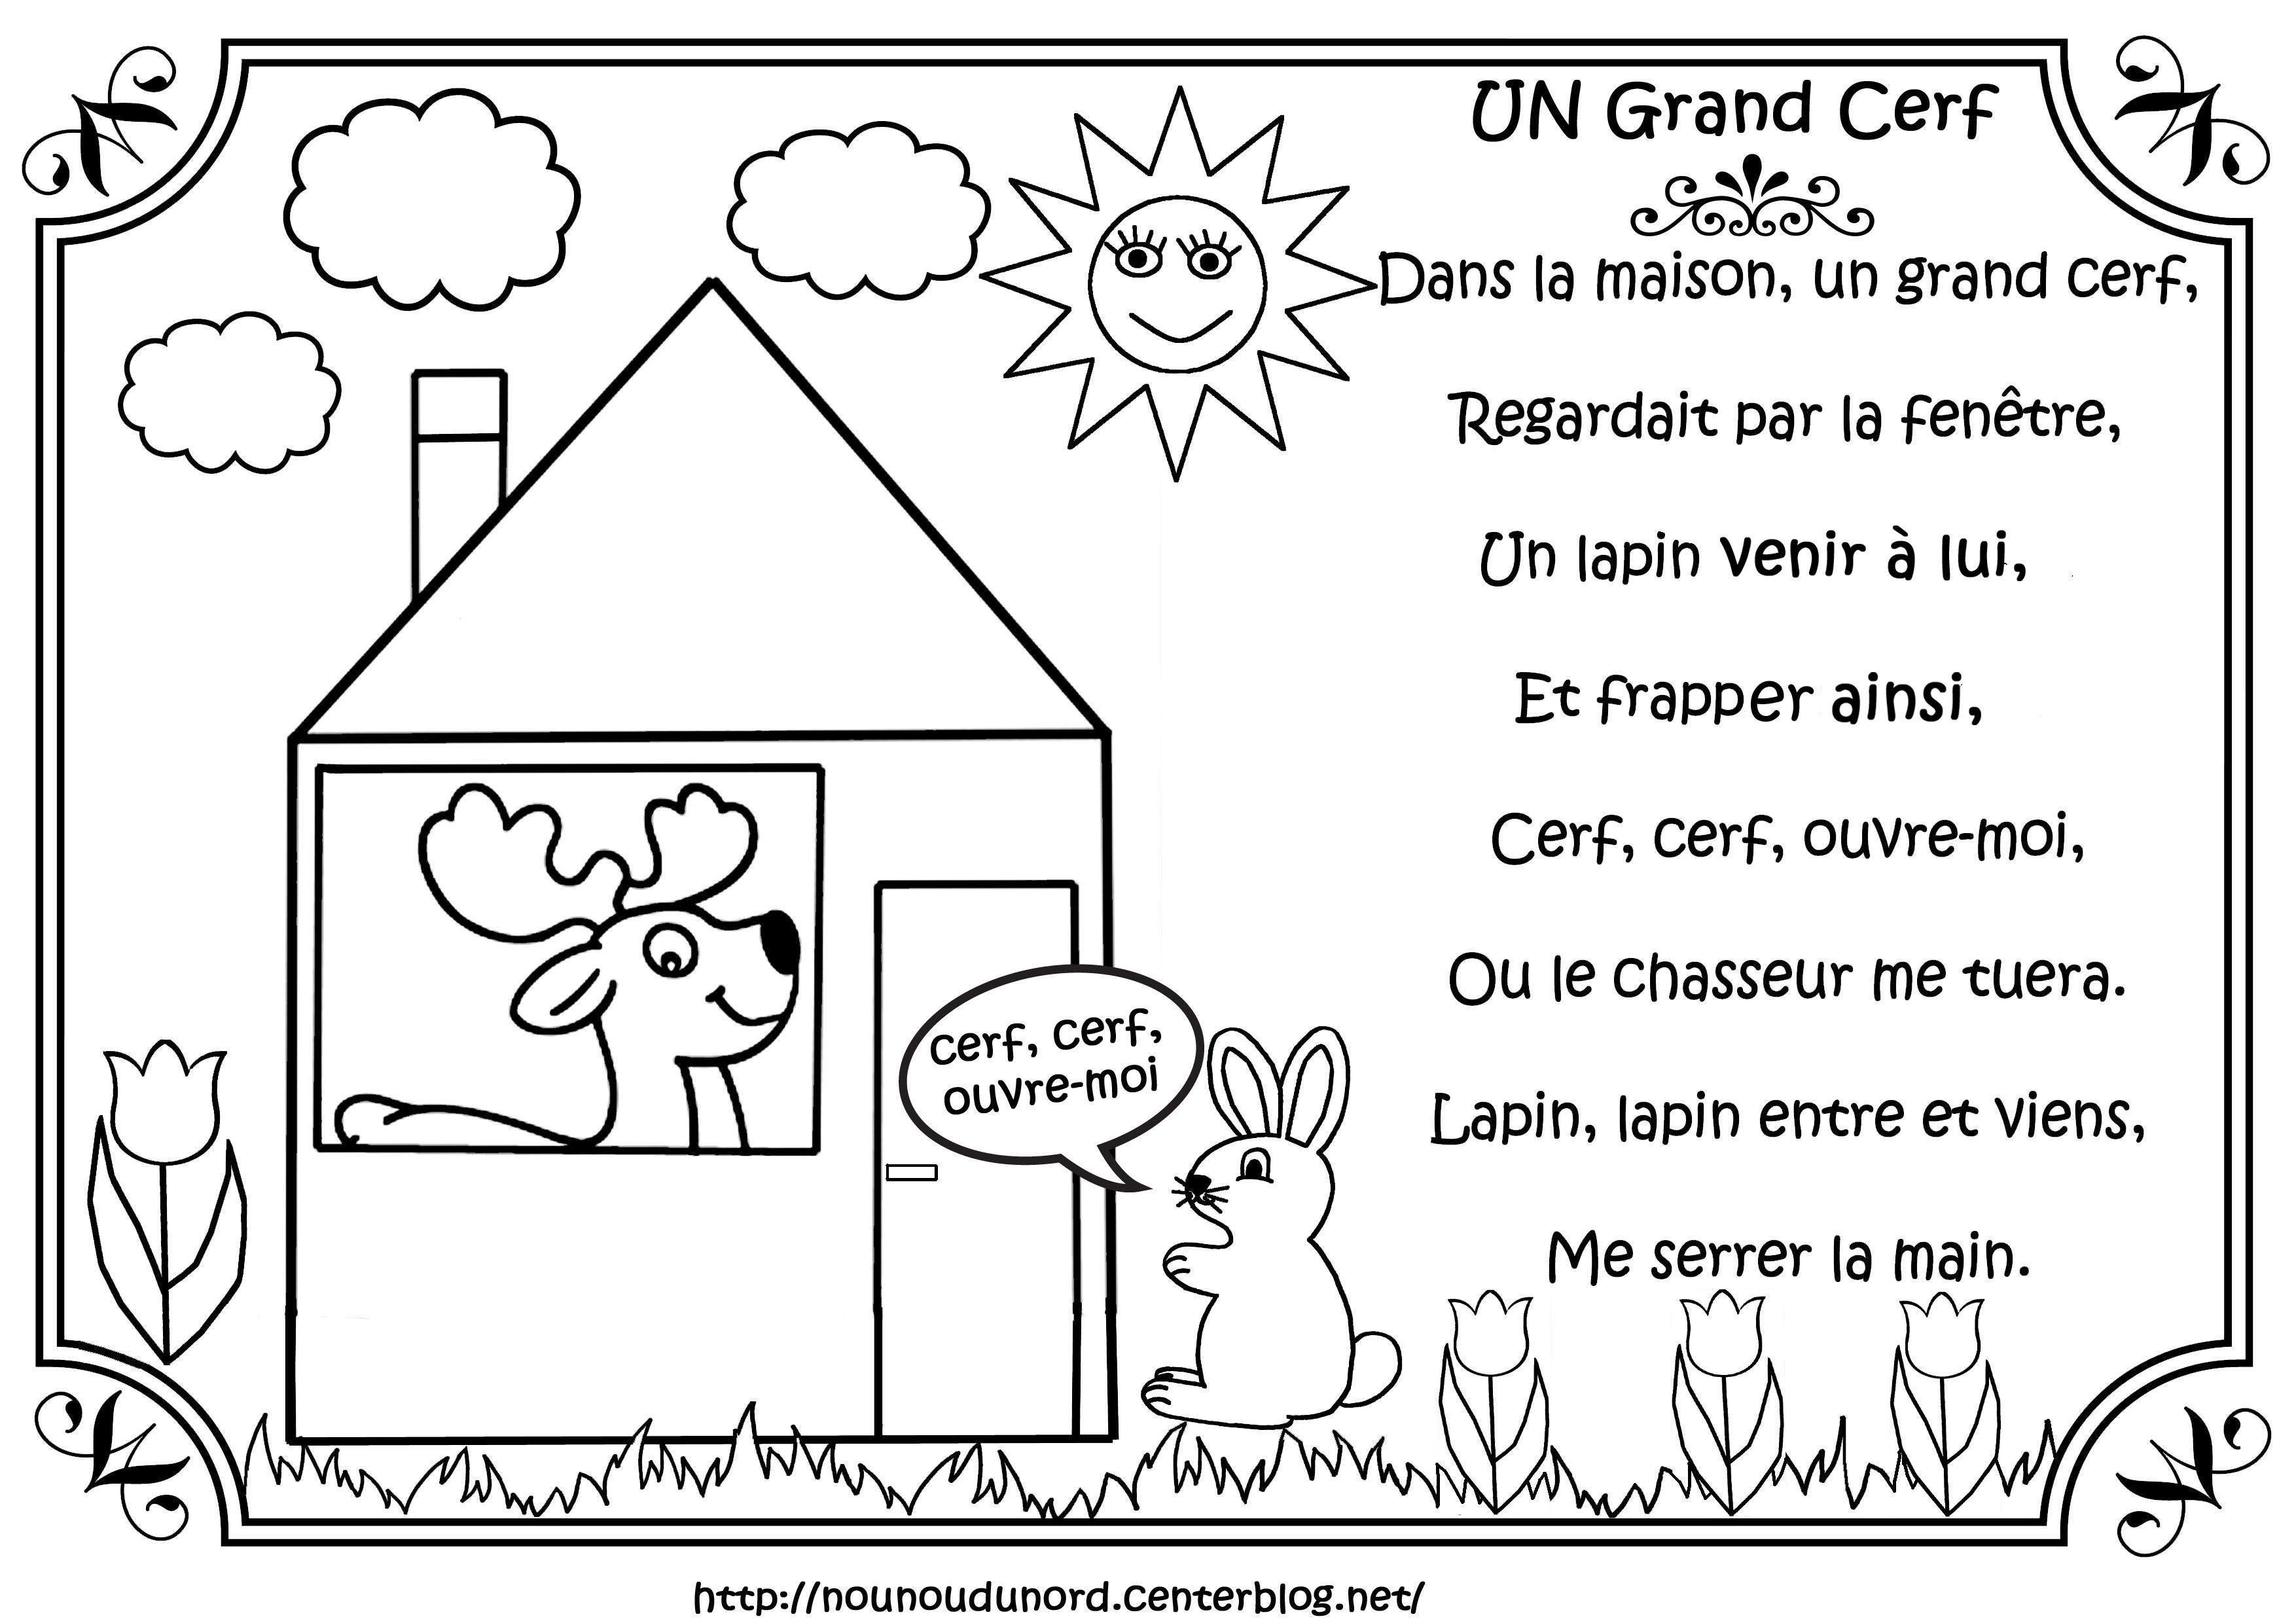 Comptine Le Grand Cerf Illustrée Par Nounoudunord. pour Chanson Du Cerf Et Du Lapin